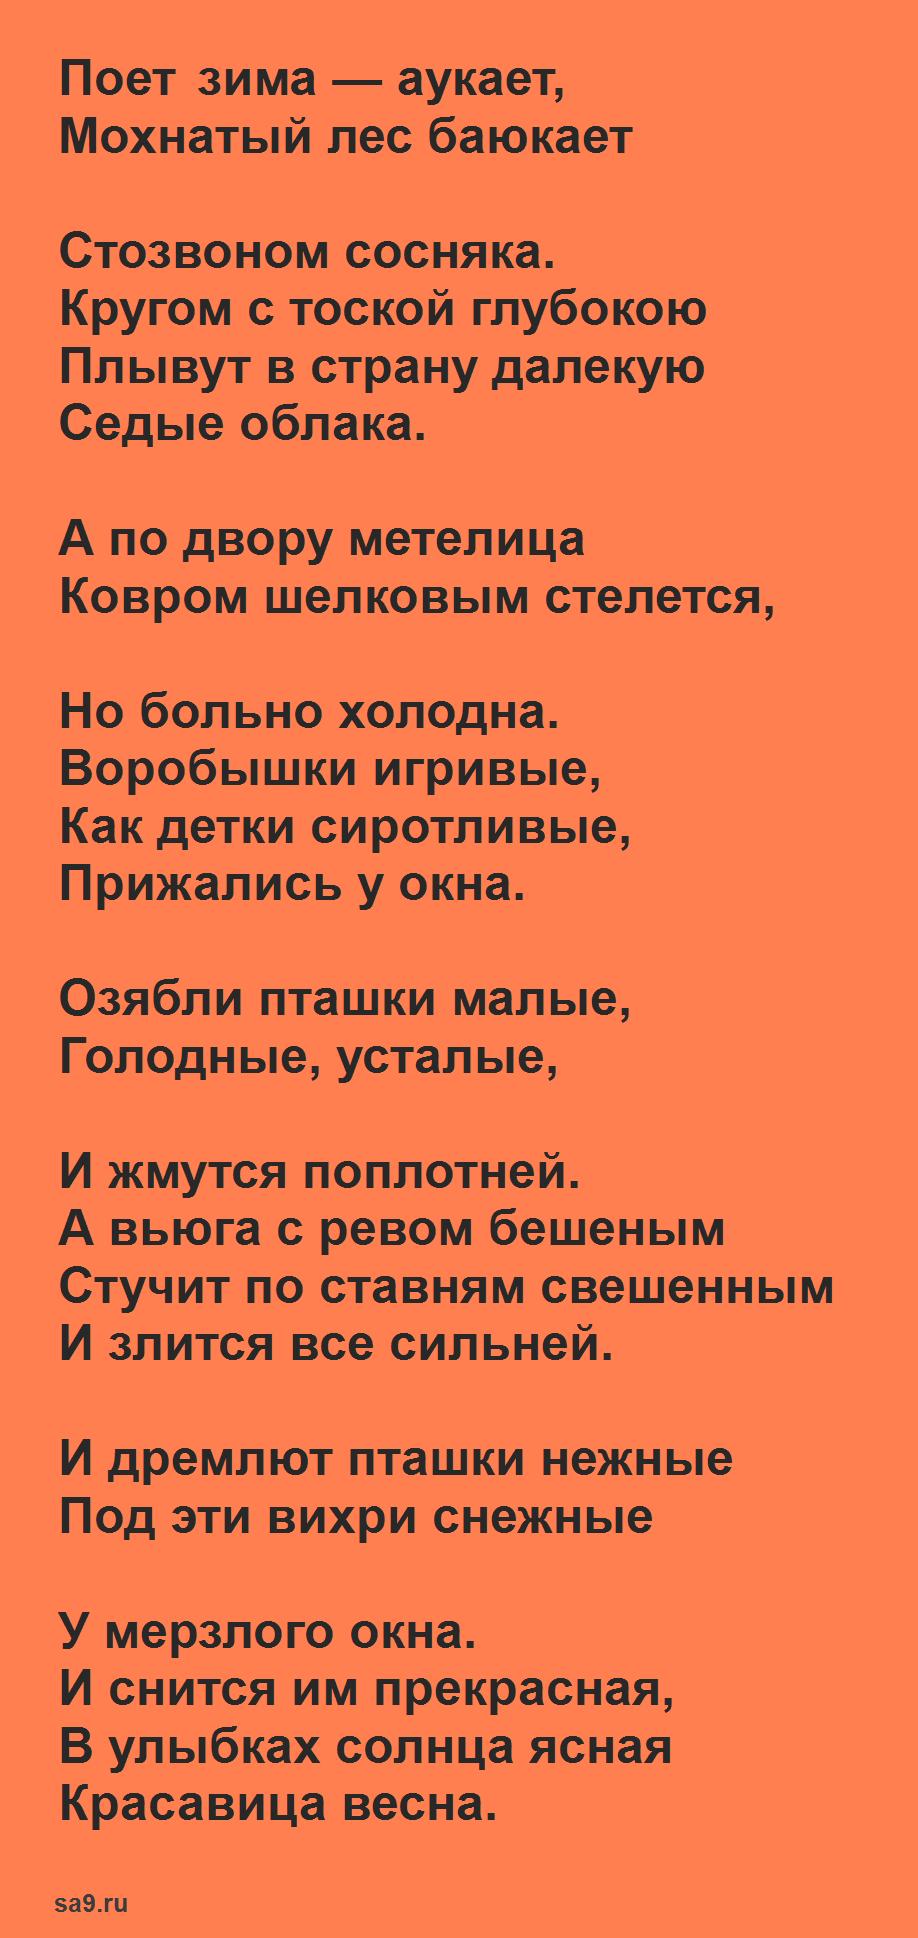 Читать стихи Есенина о природе - Поет зима - аукает